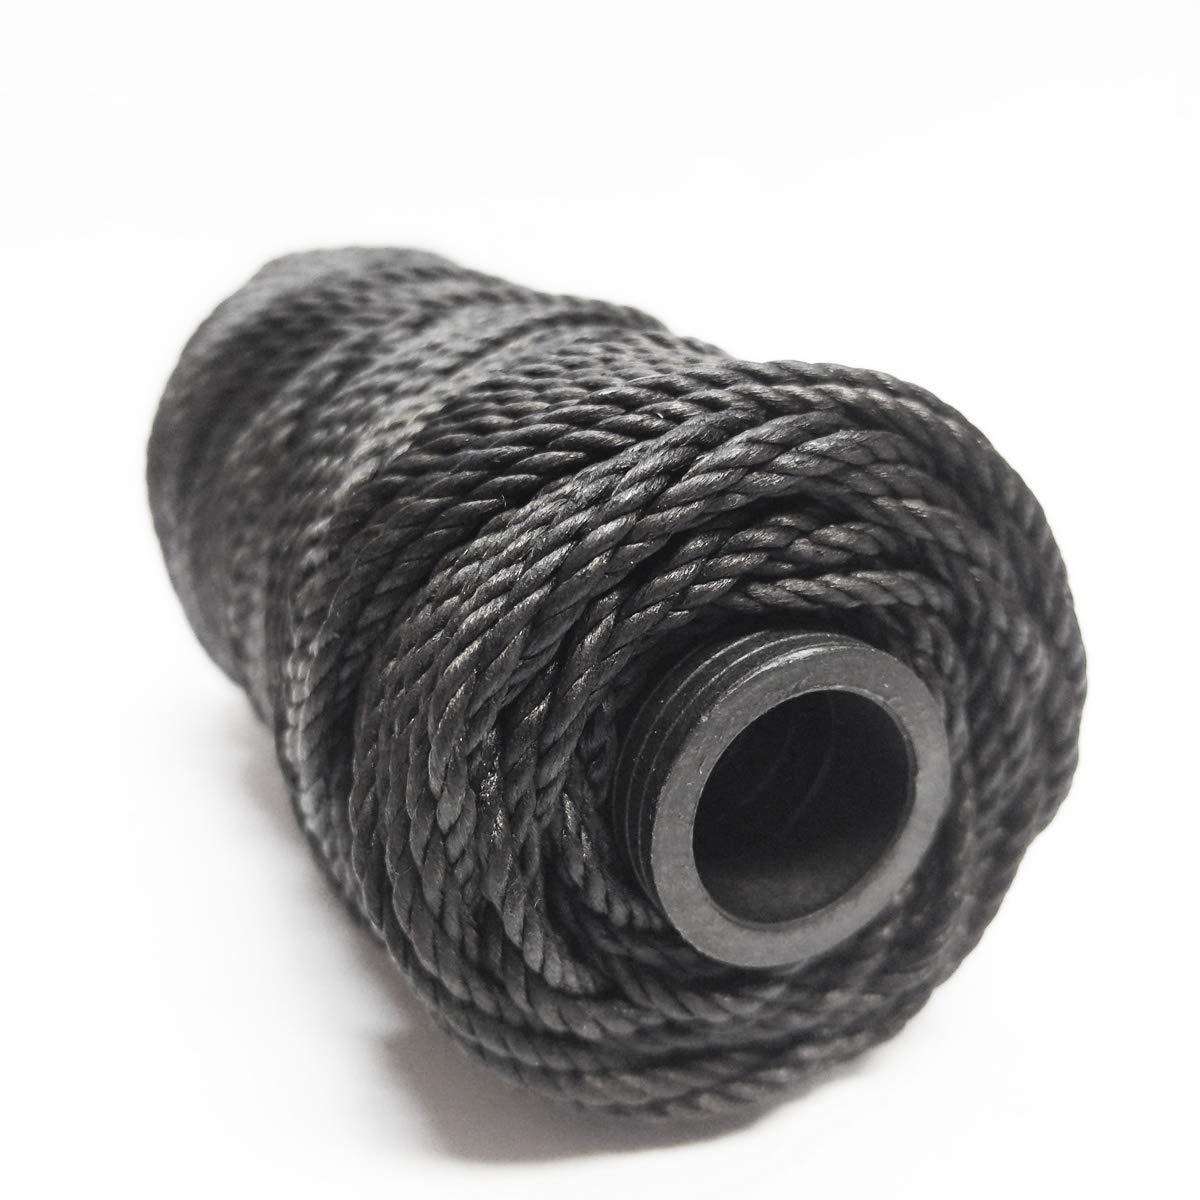 JFN Netting Repair Kit for #42 Nylon 1-7//8 Black Baseball Net